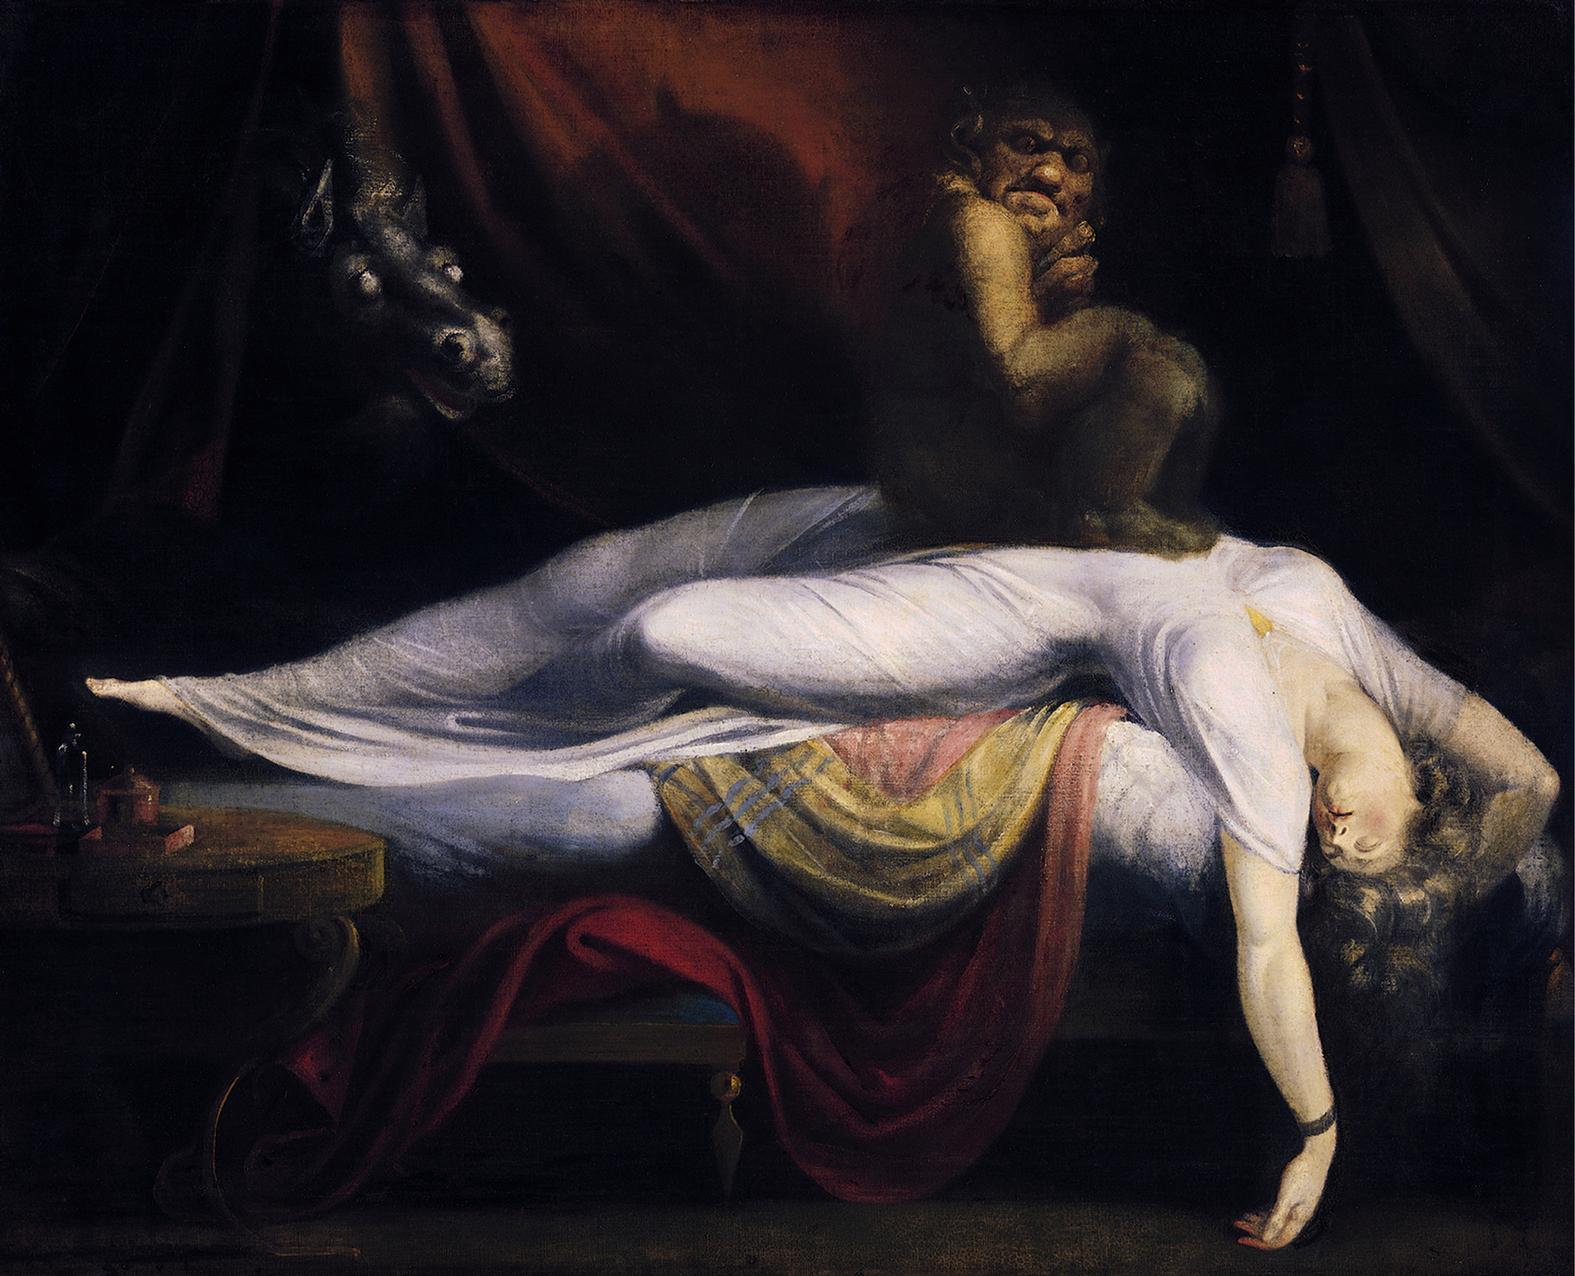 suche frau für eine nacht erotisches liebesgedicht